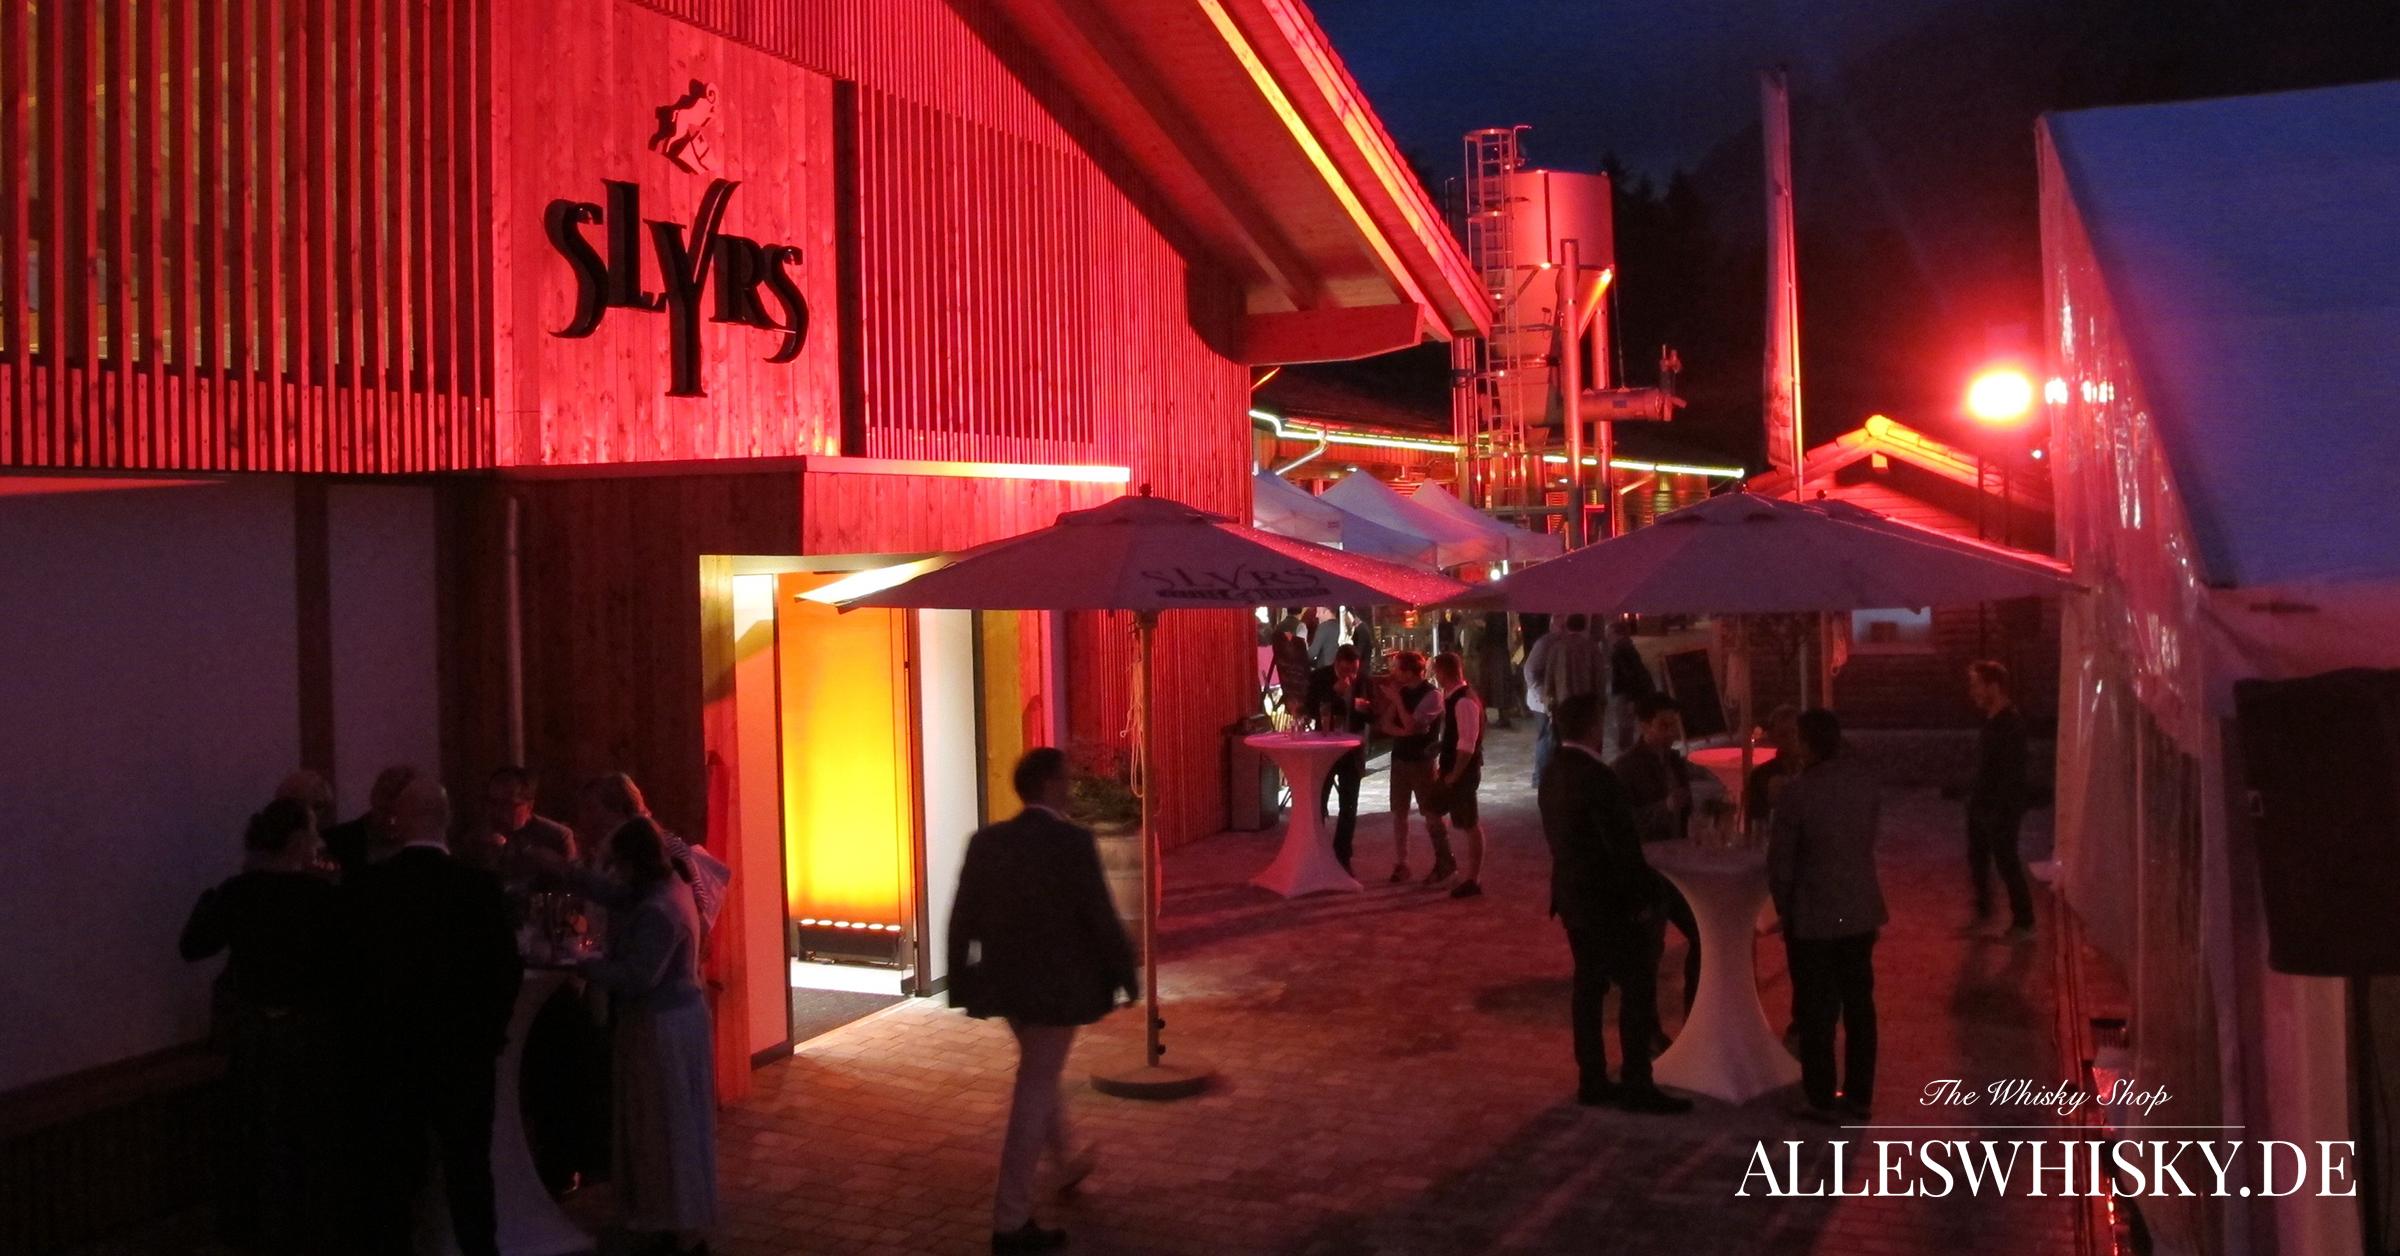 Feierliche Neueröffnung Slyrs Caffee und Lunchery Brennerei bei Nacht